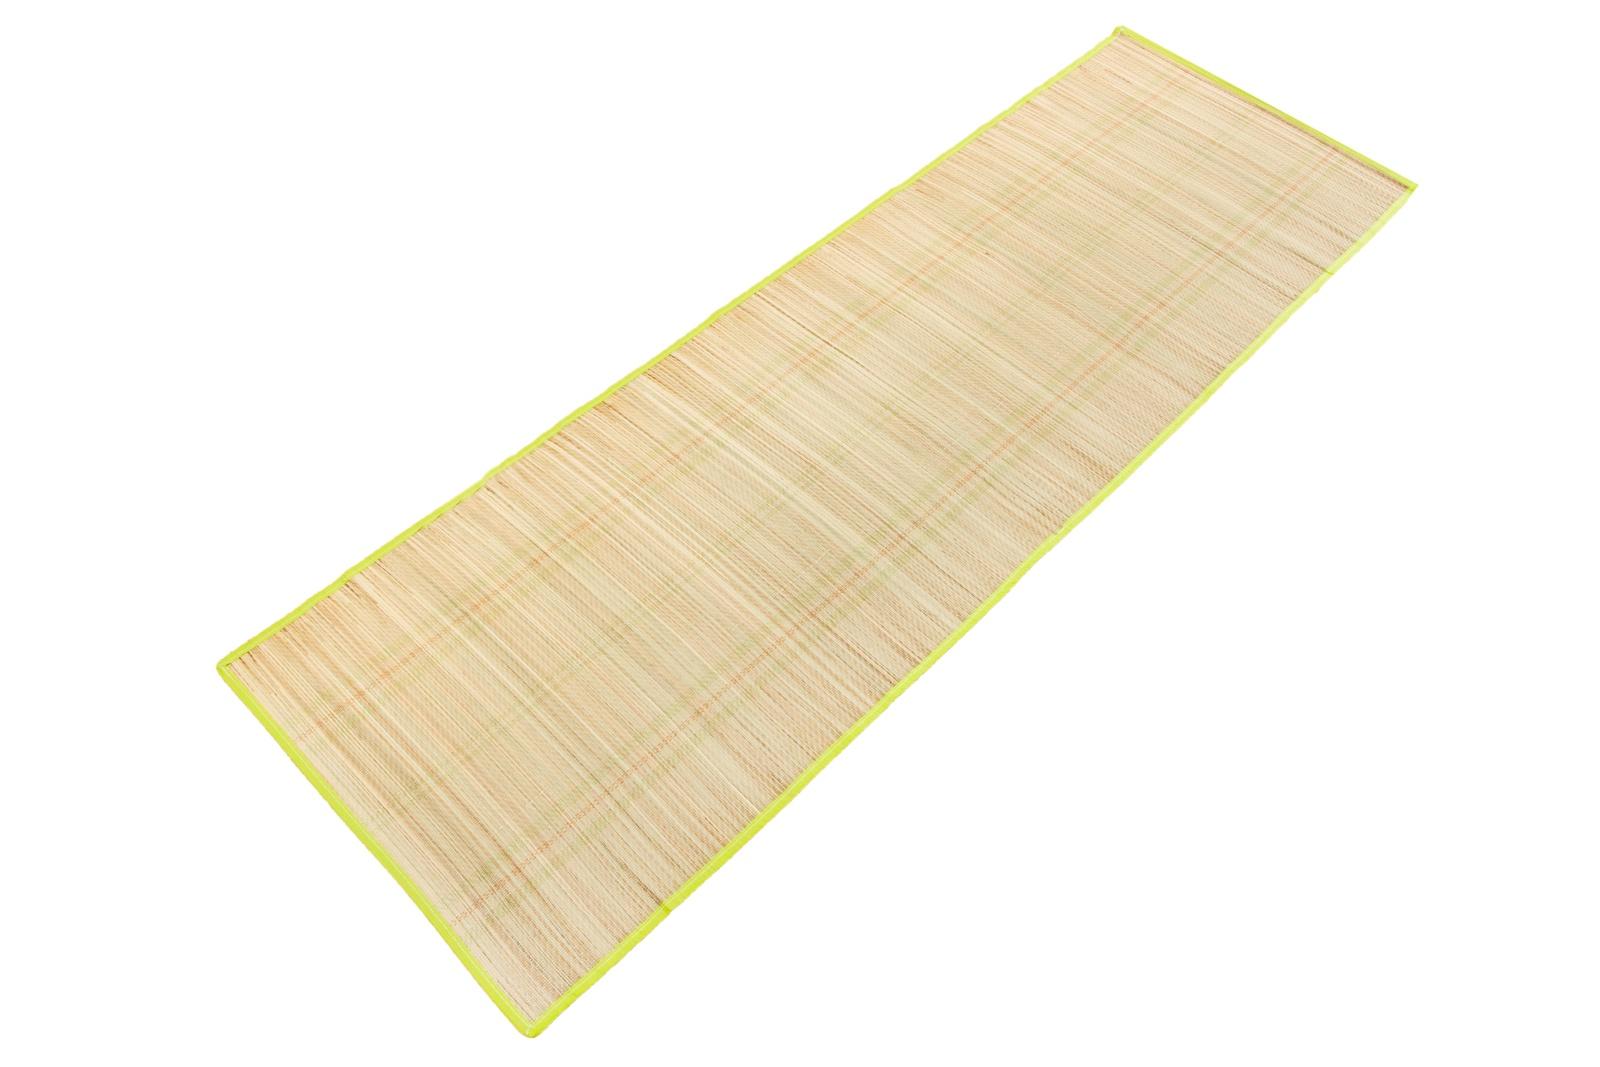 Коврик туристический 12965,60х180 пляжный коврик из соломы в рулоне, бежевый цена